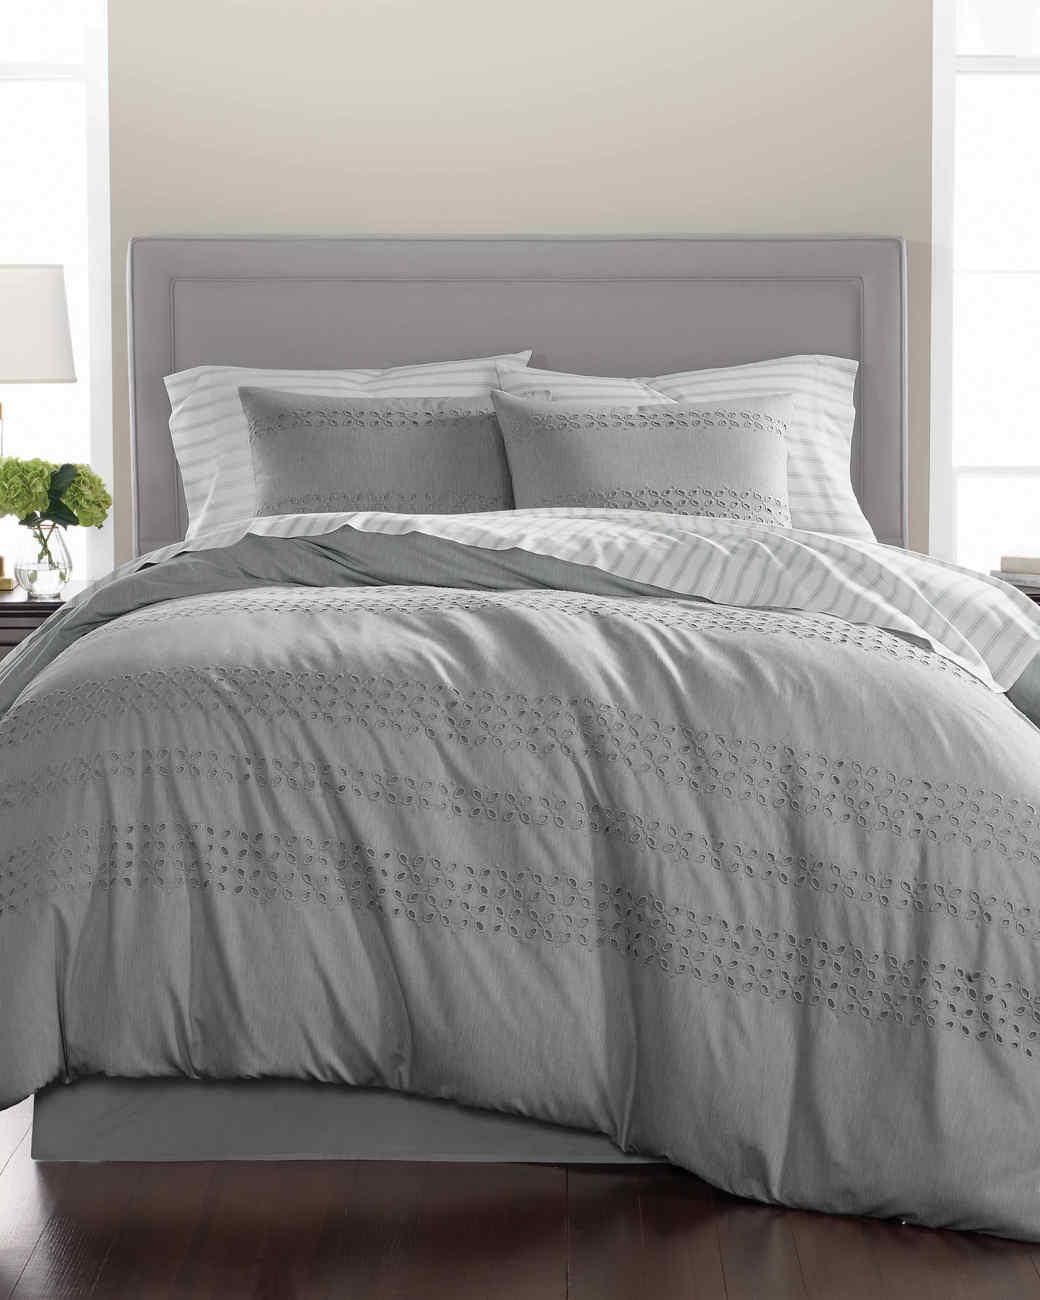 macys eyelet comforter gray